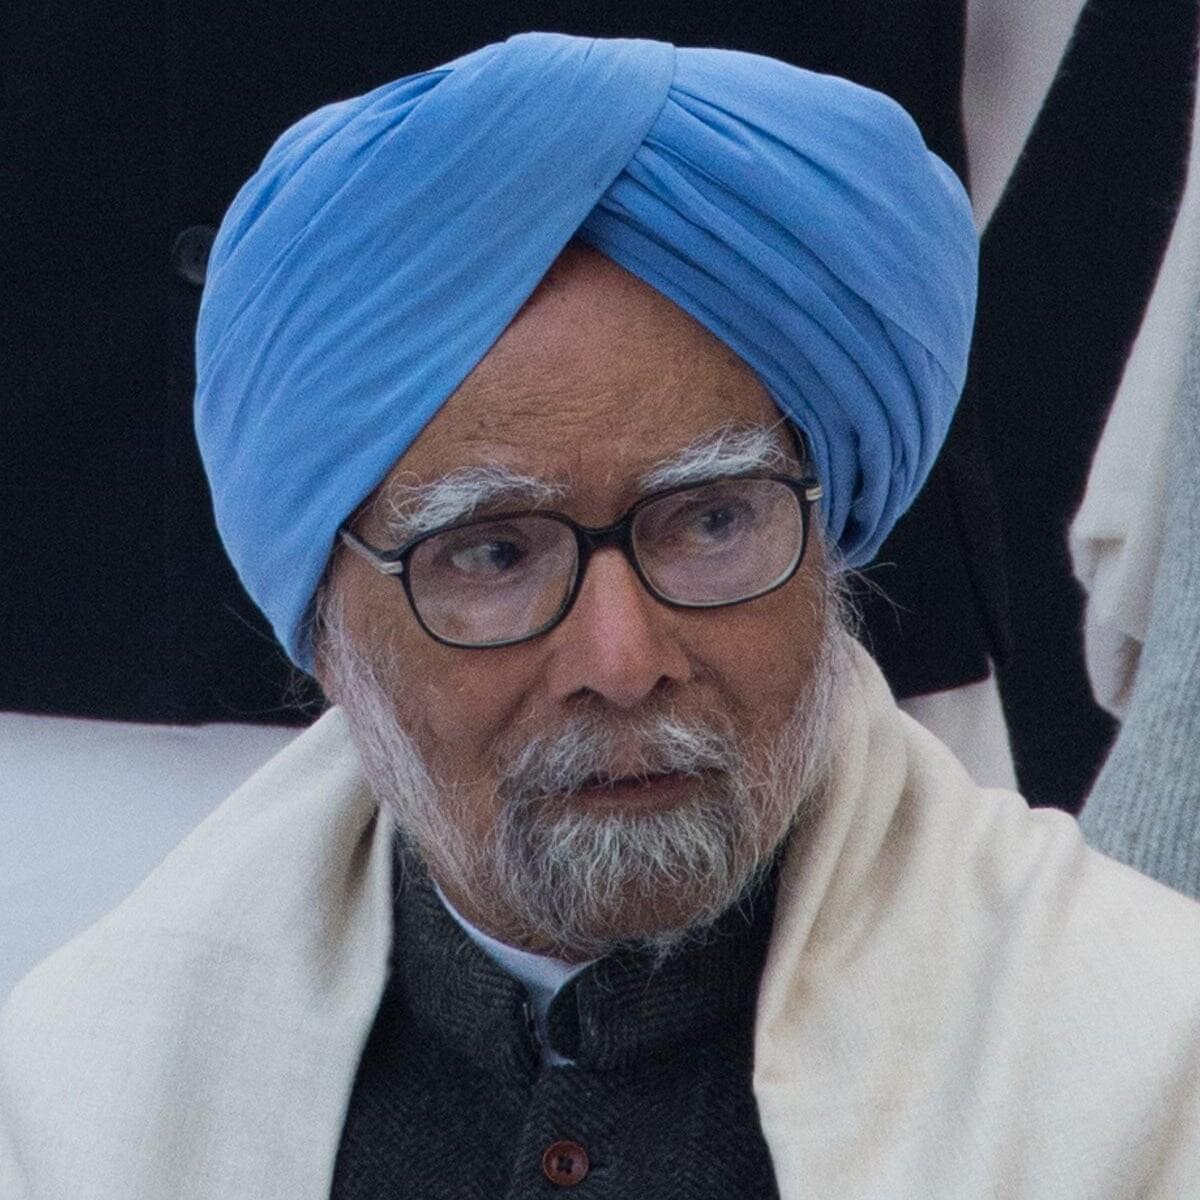 पूर्व प्रधानमंत्री डॉ. मनमोहन सिंह कोरोना को हराकर अस्पताल से हुए डिस्चार्ज